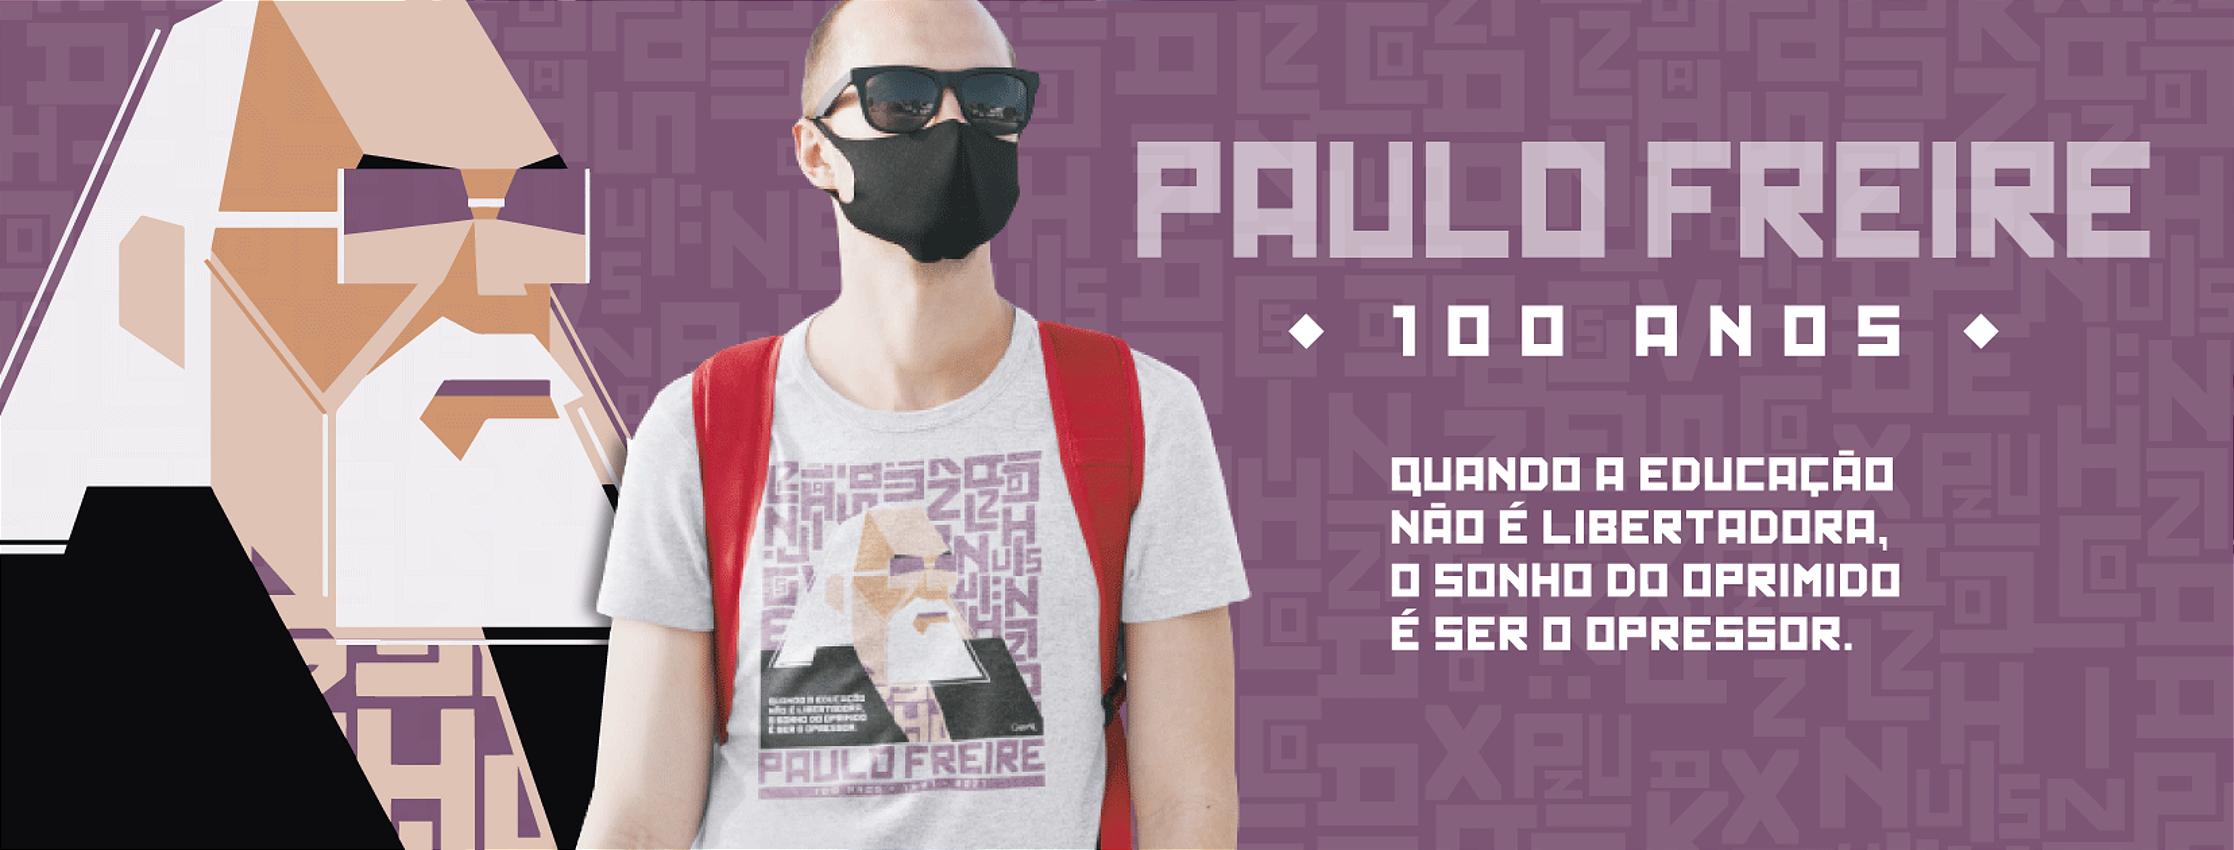 Lançamento Paulo Freire 100 anos